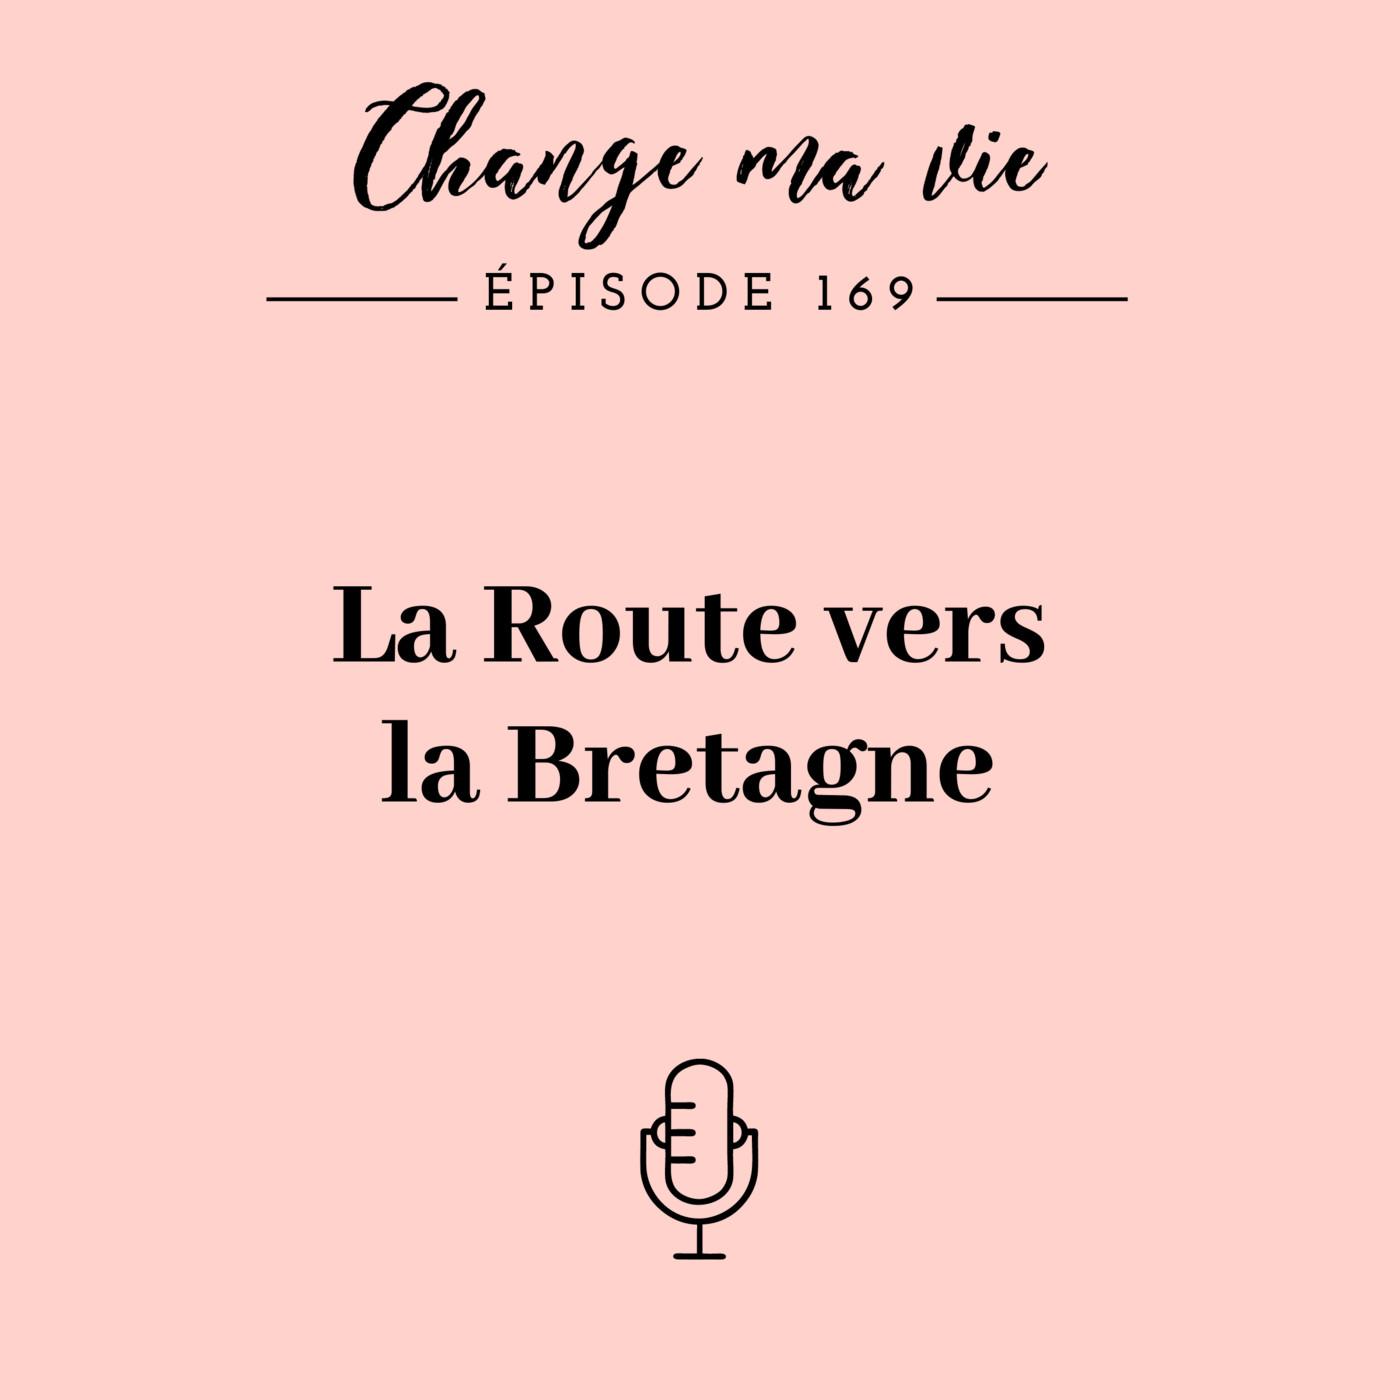 (169) La Route vers la Bretagne